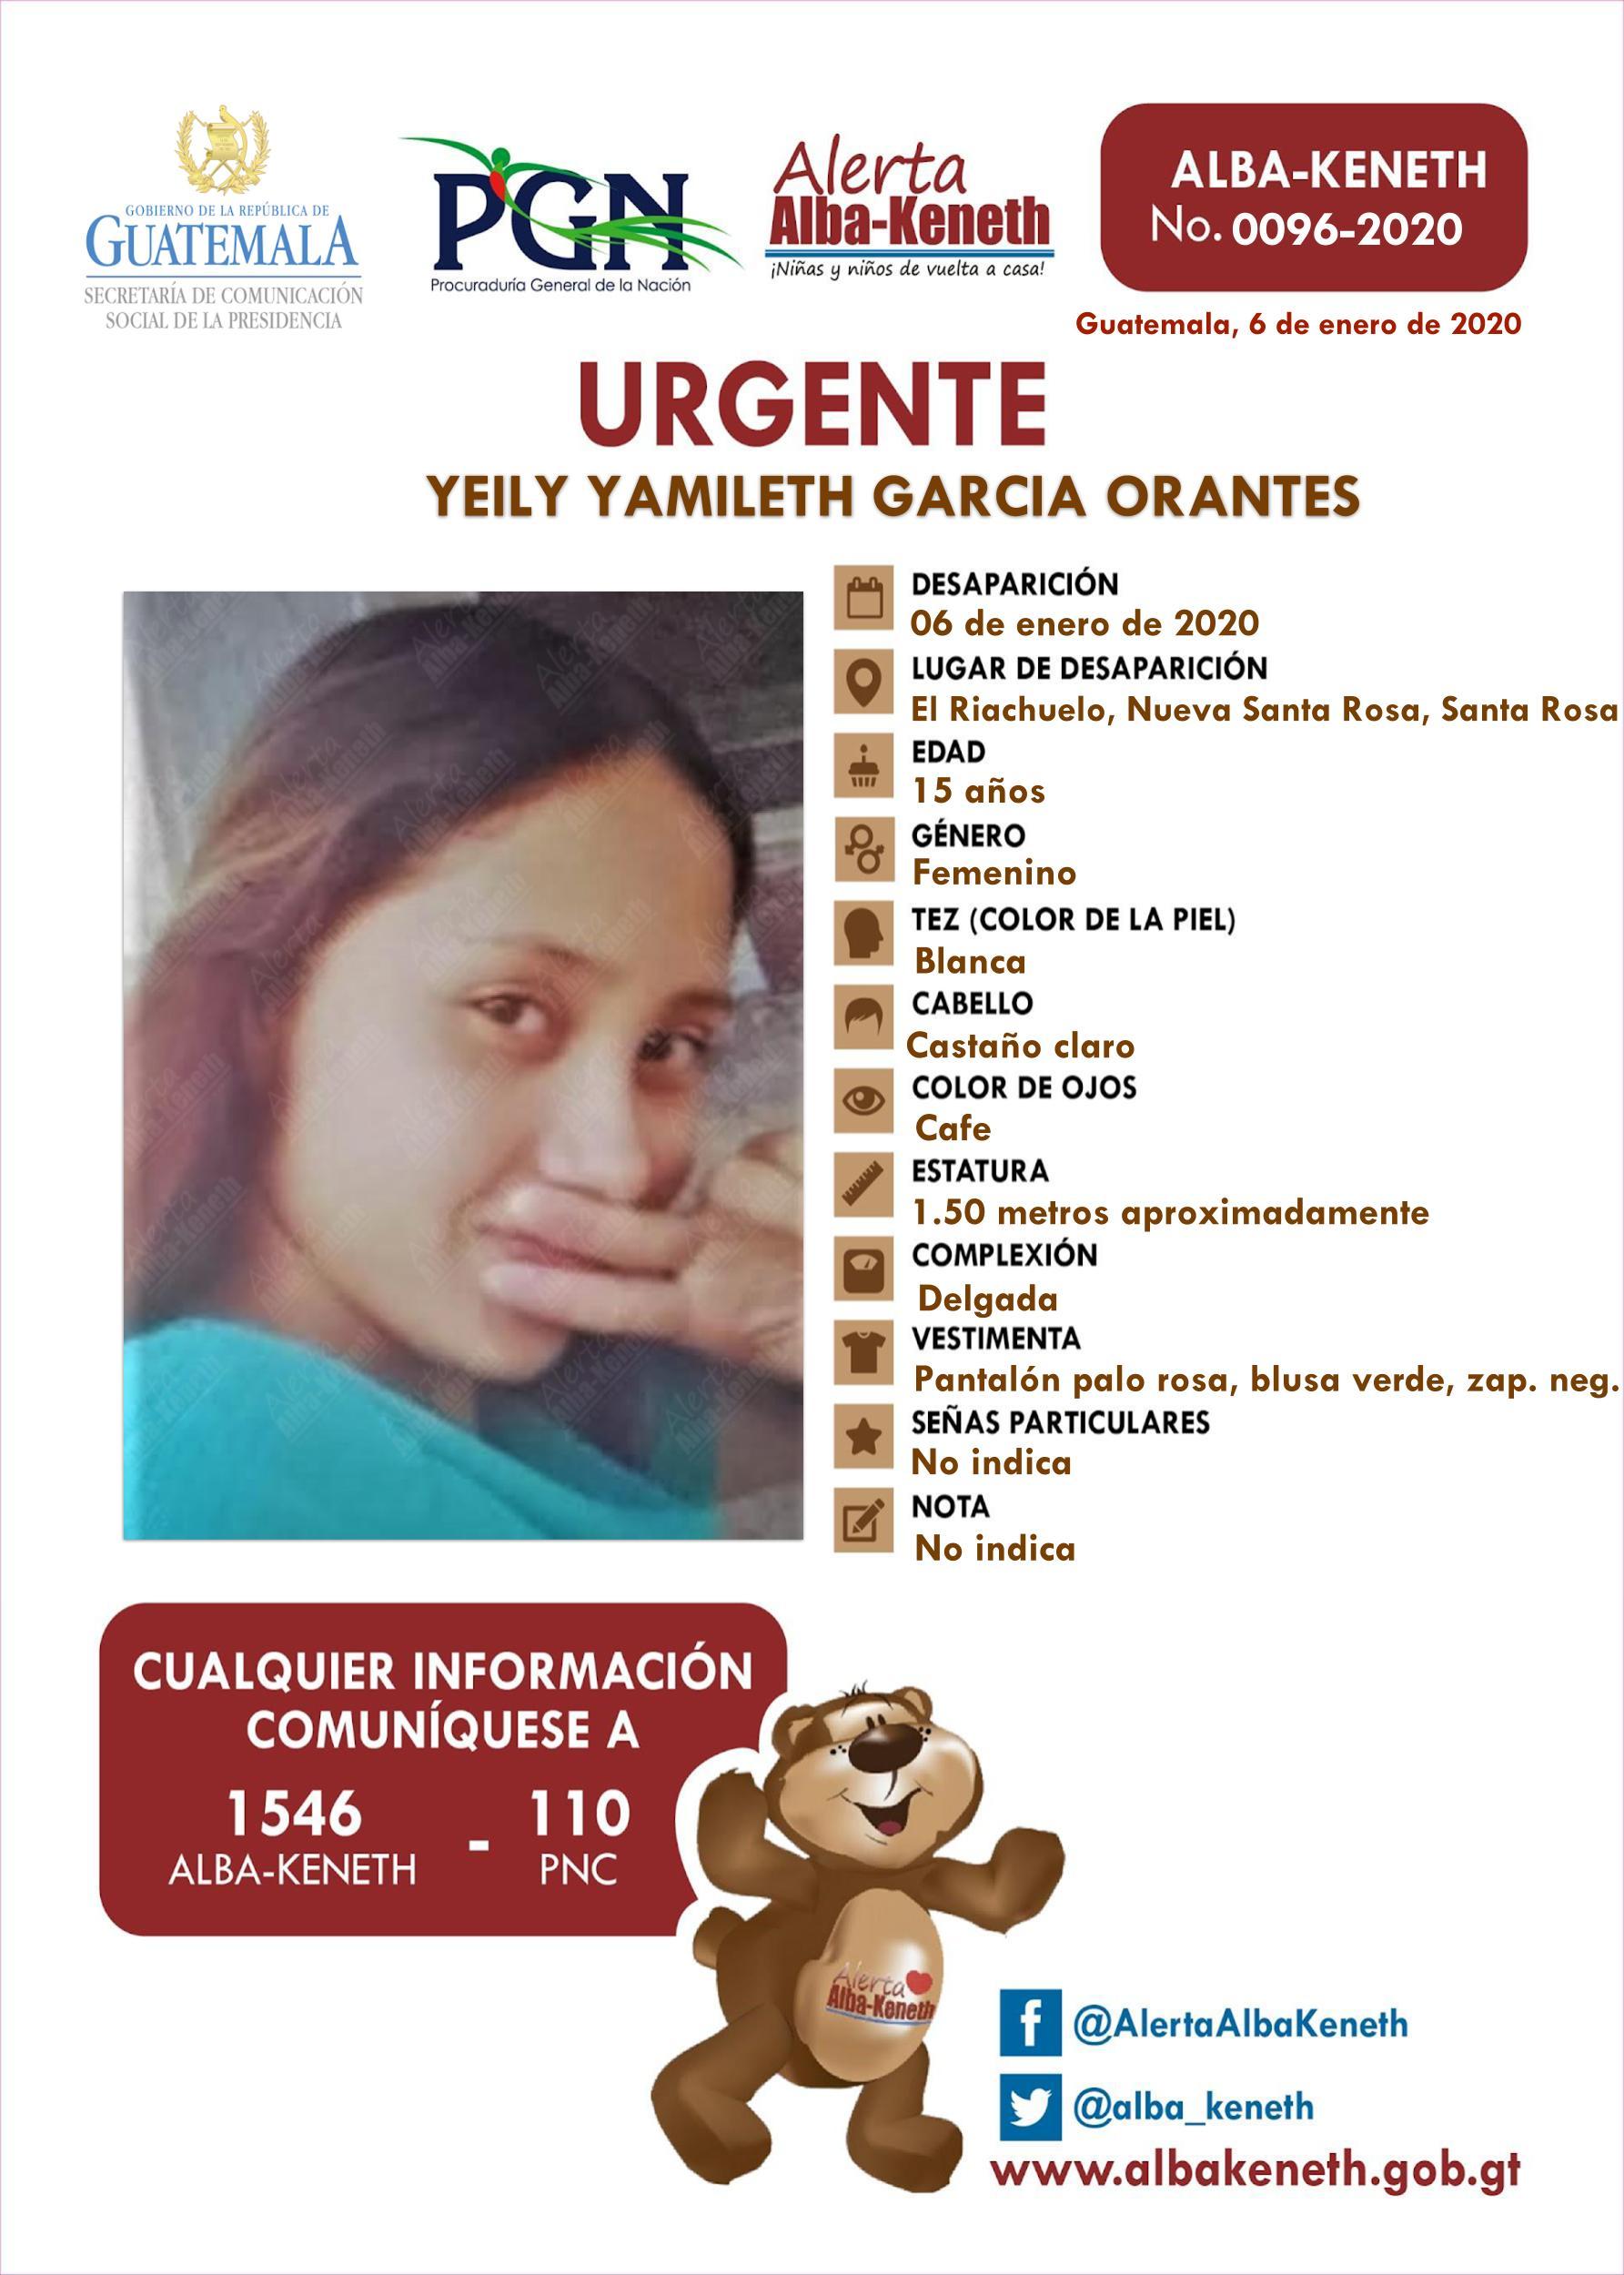 Yeily Yamileth Garcia Orantes